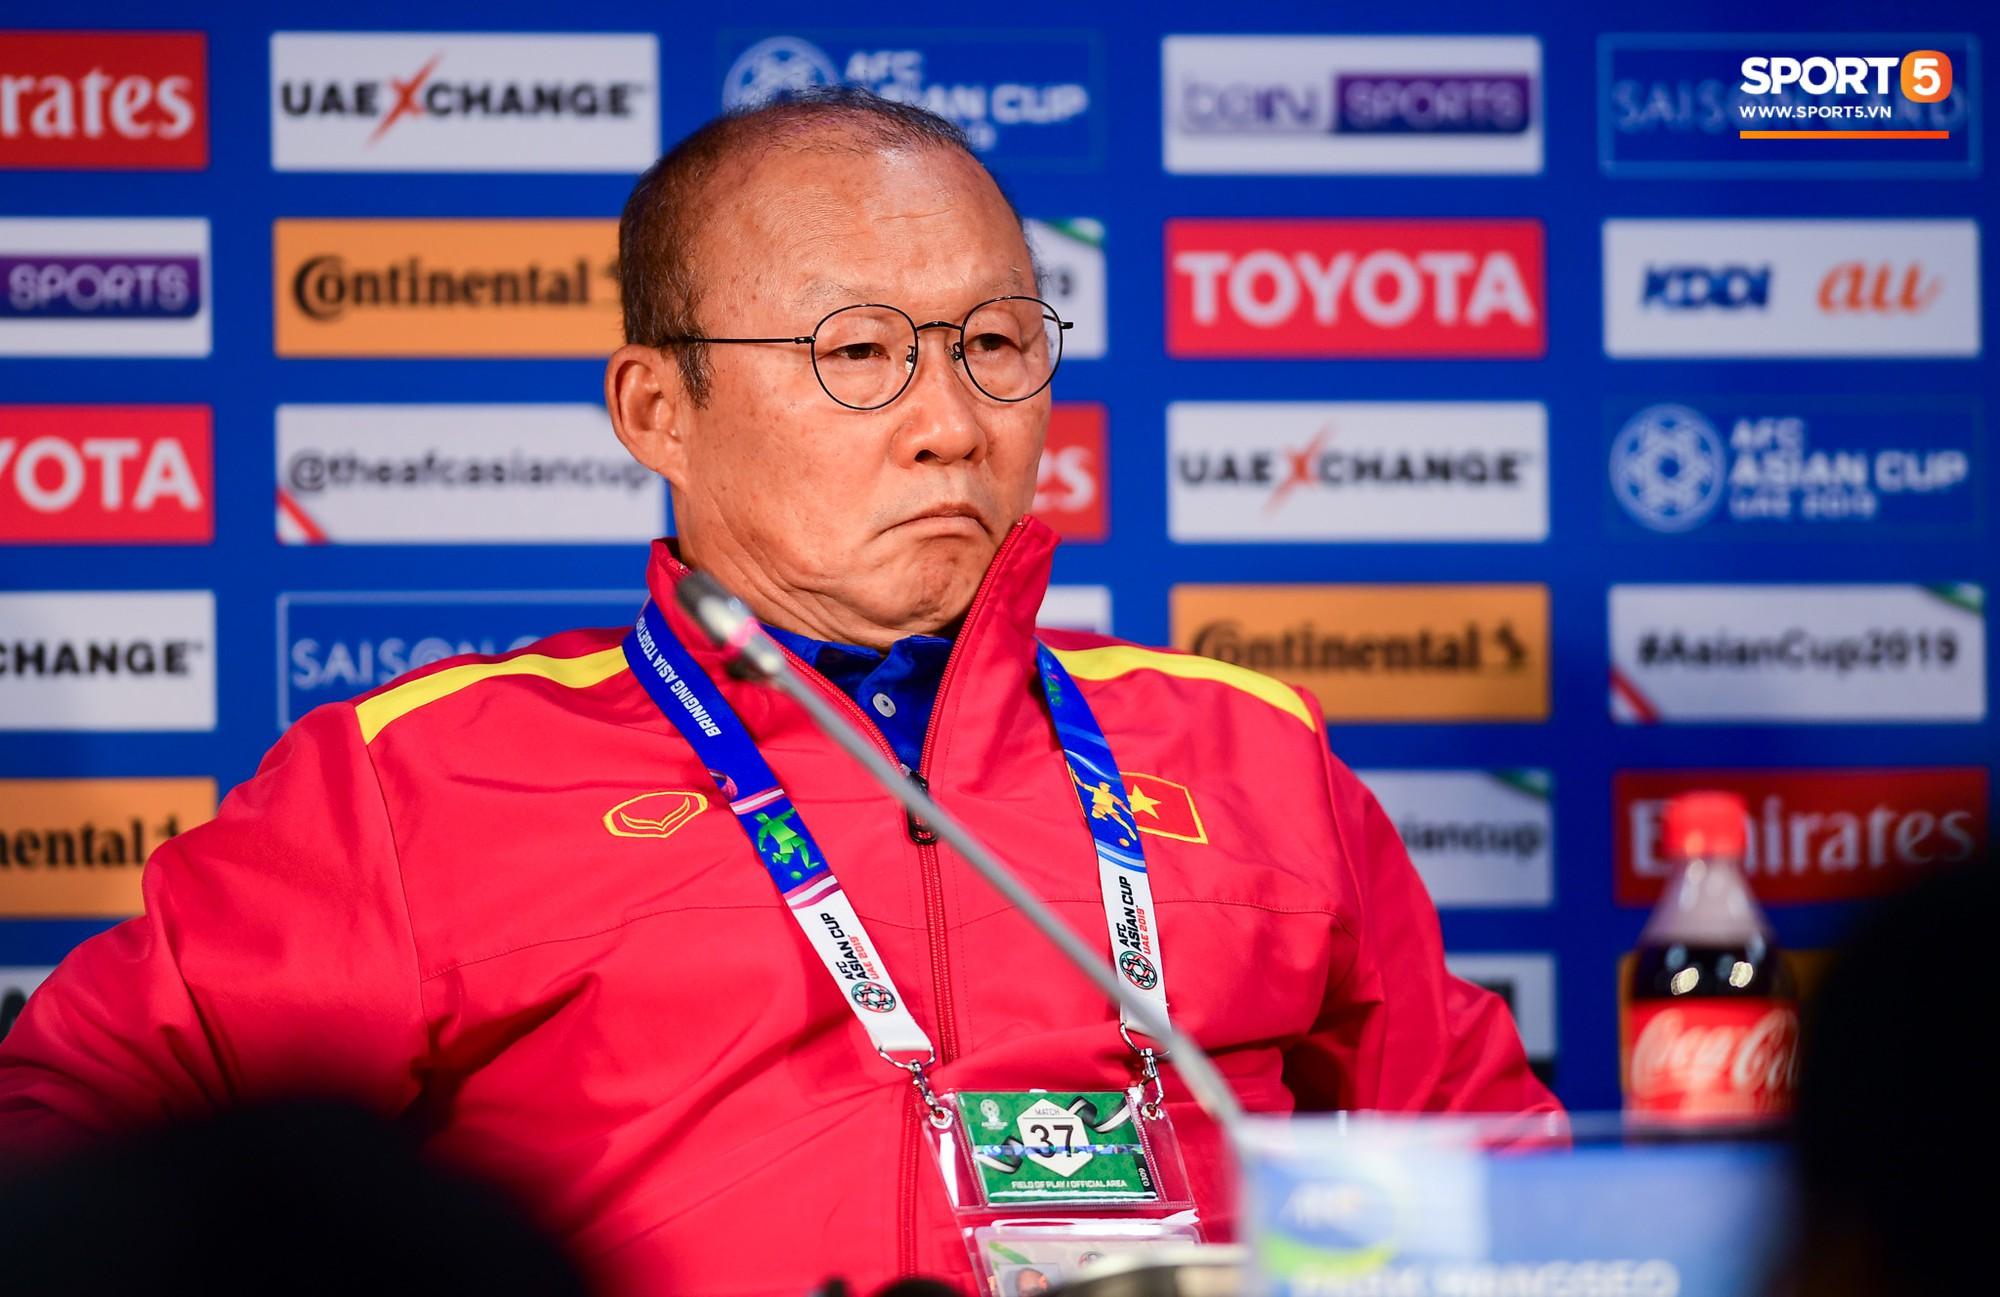 HLV Park Hang-seo: Nhật Bản là đội mạnh nhất giải, nhưng tôi vẫn kỳ vọng giành chiến thắng - Ảnh 1.